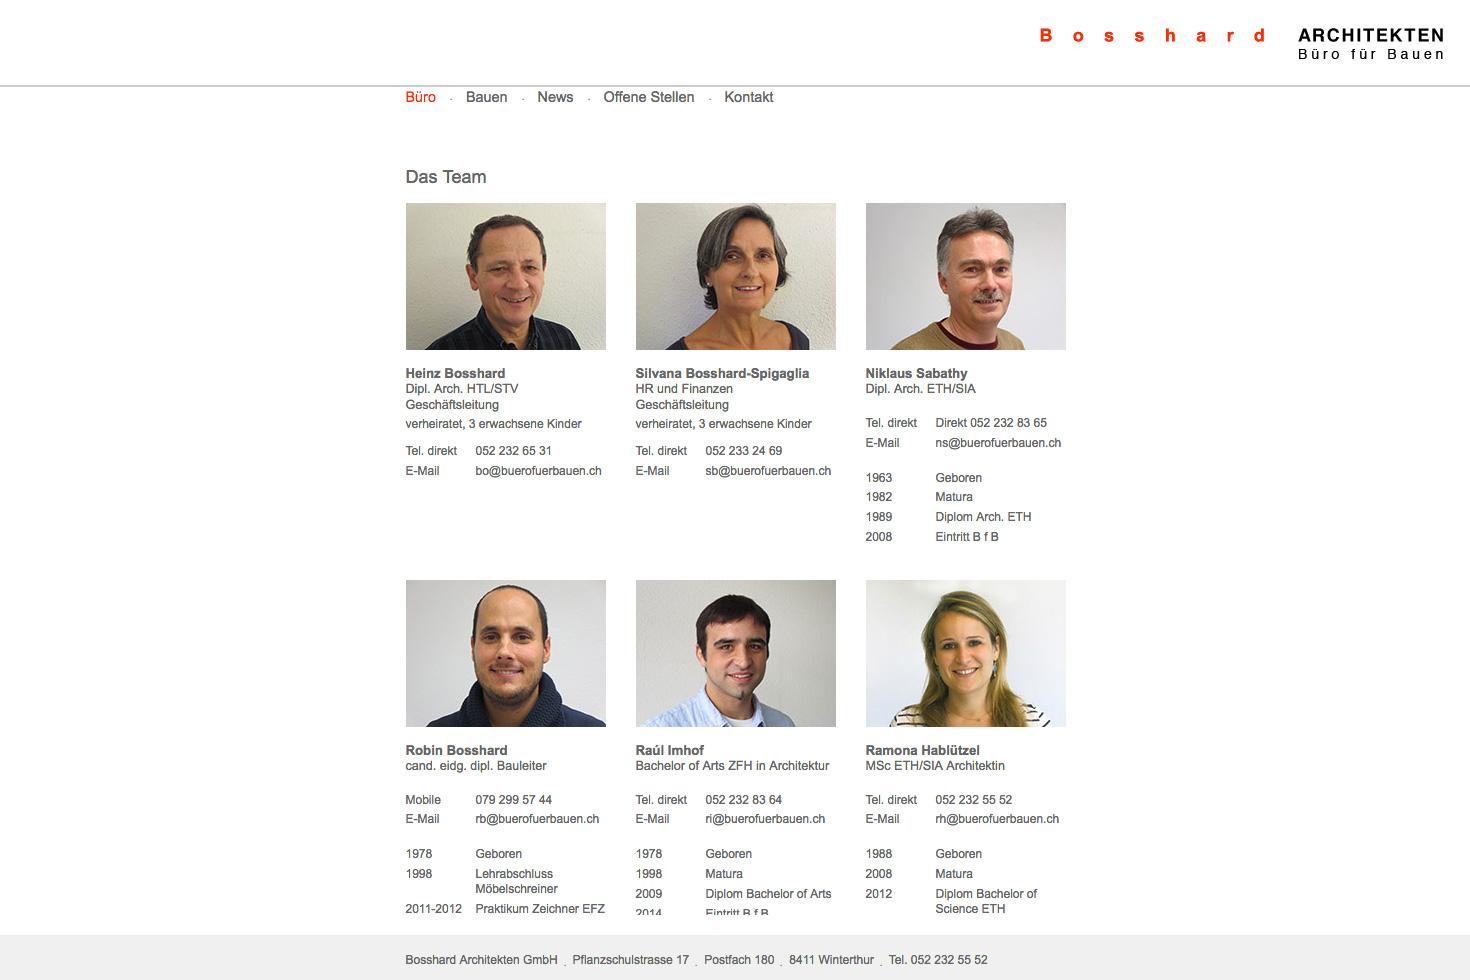 Bild 2 vom Büro für Bauen Webseite